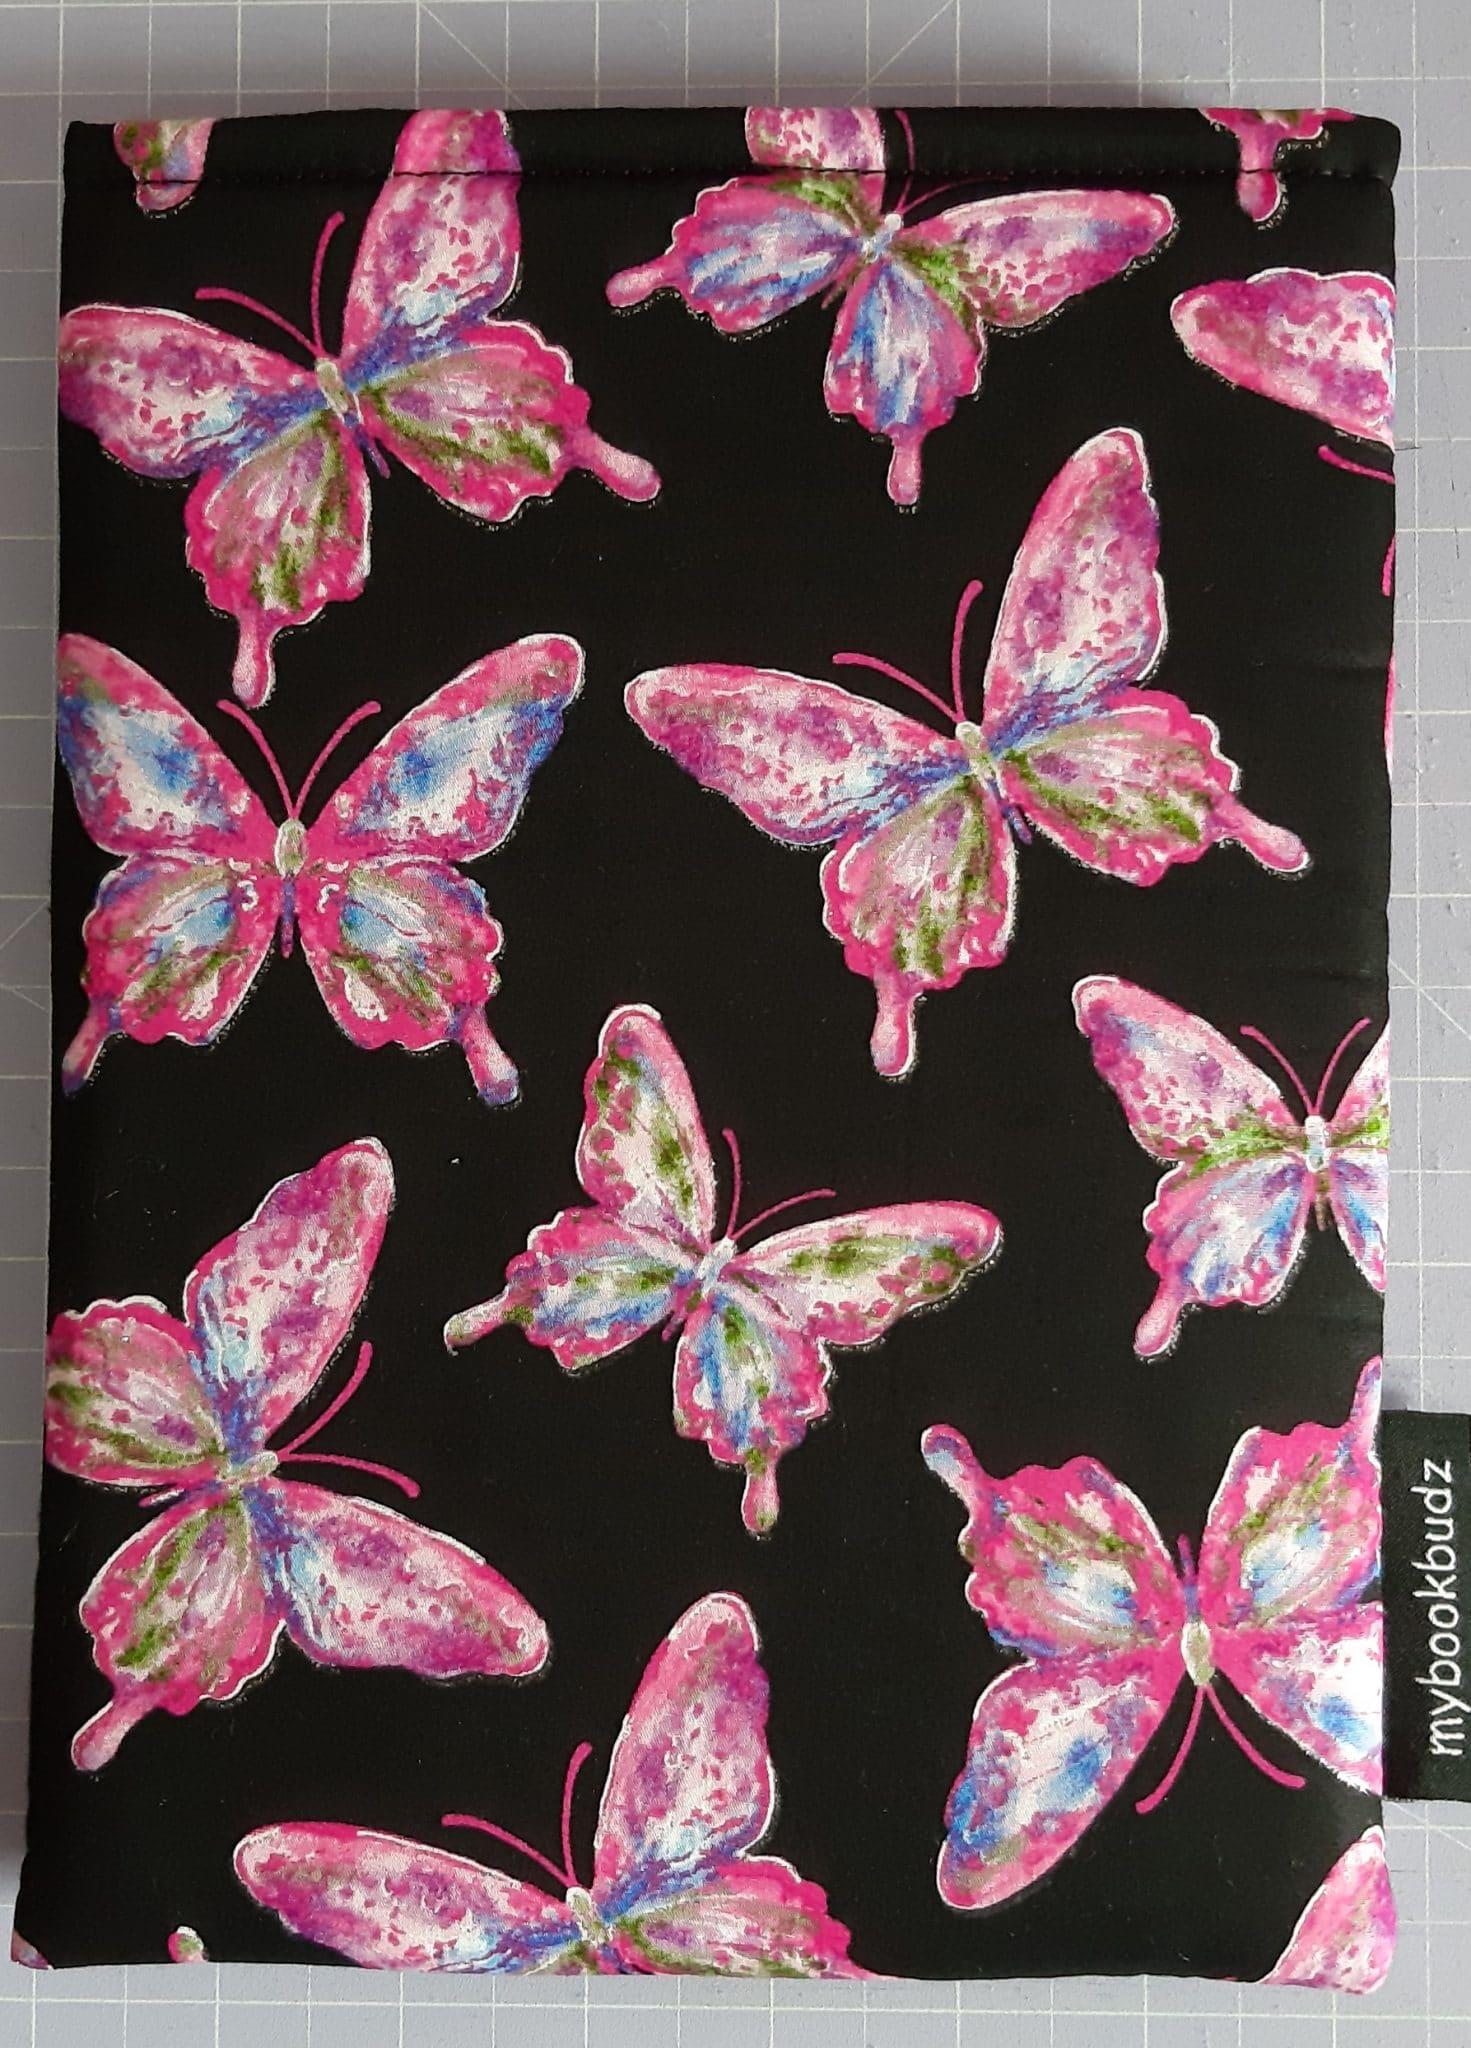 Pink Butterflies (1)